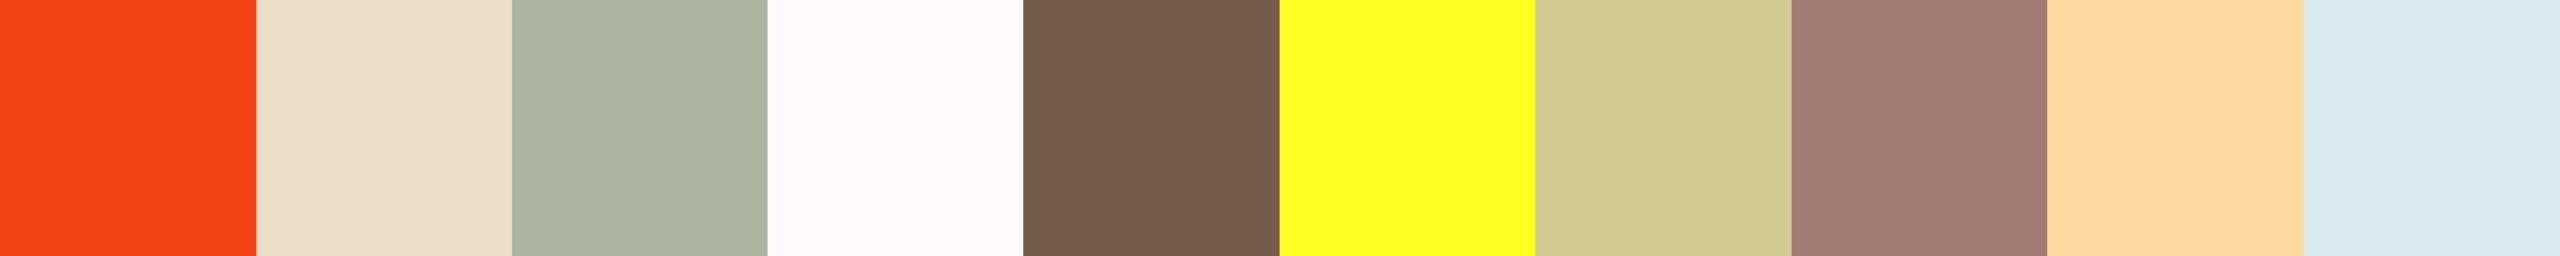 404 Lokk Color Palettea